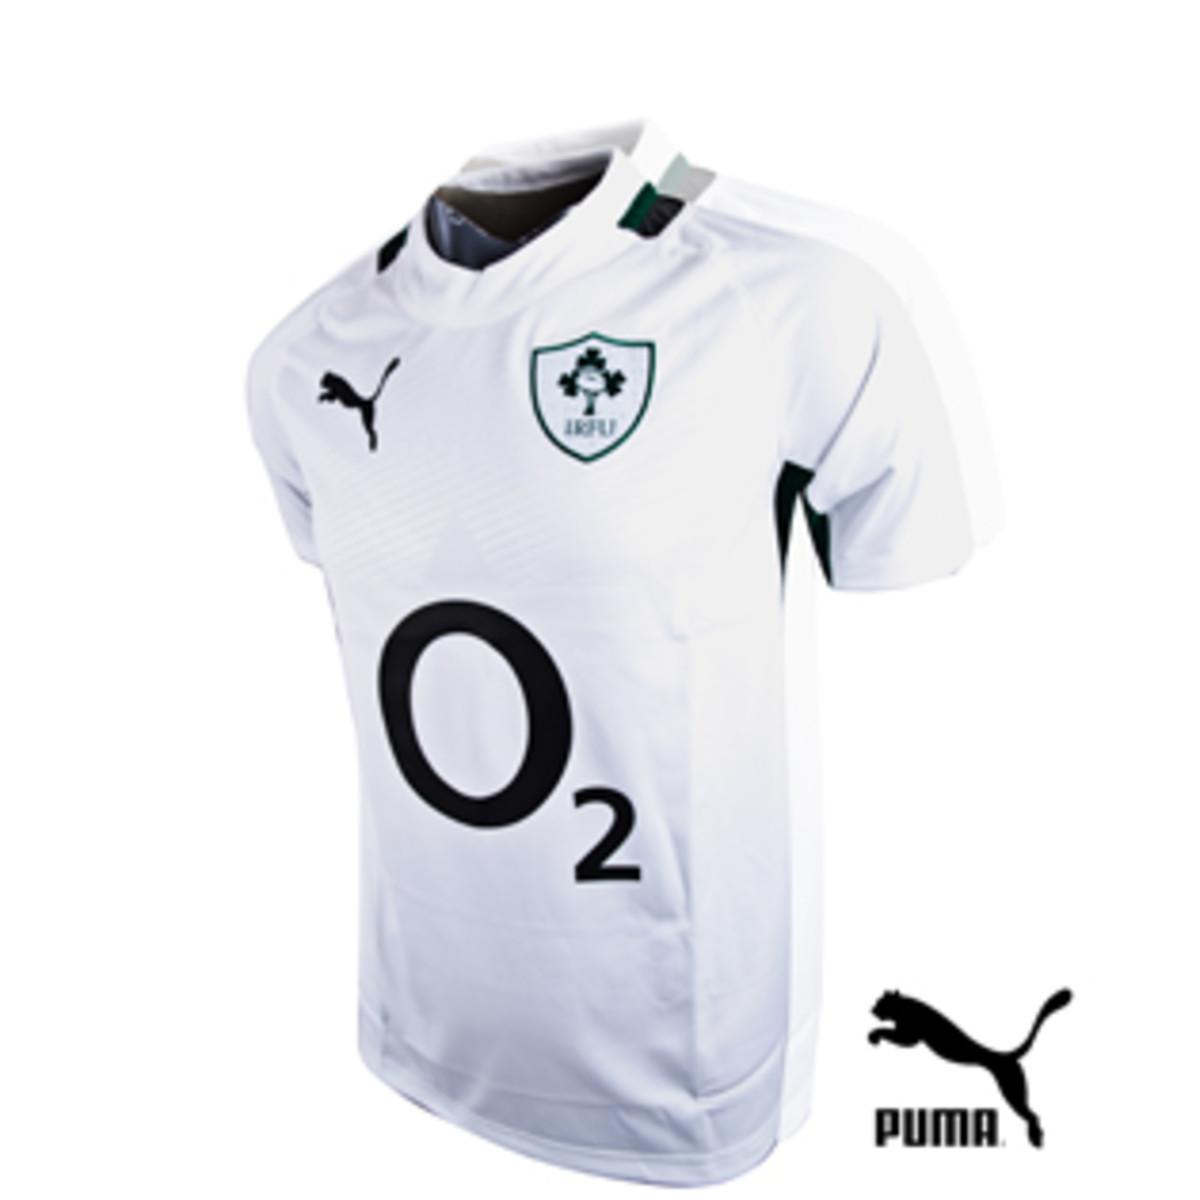 Ireland's away kit for 2012